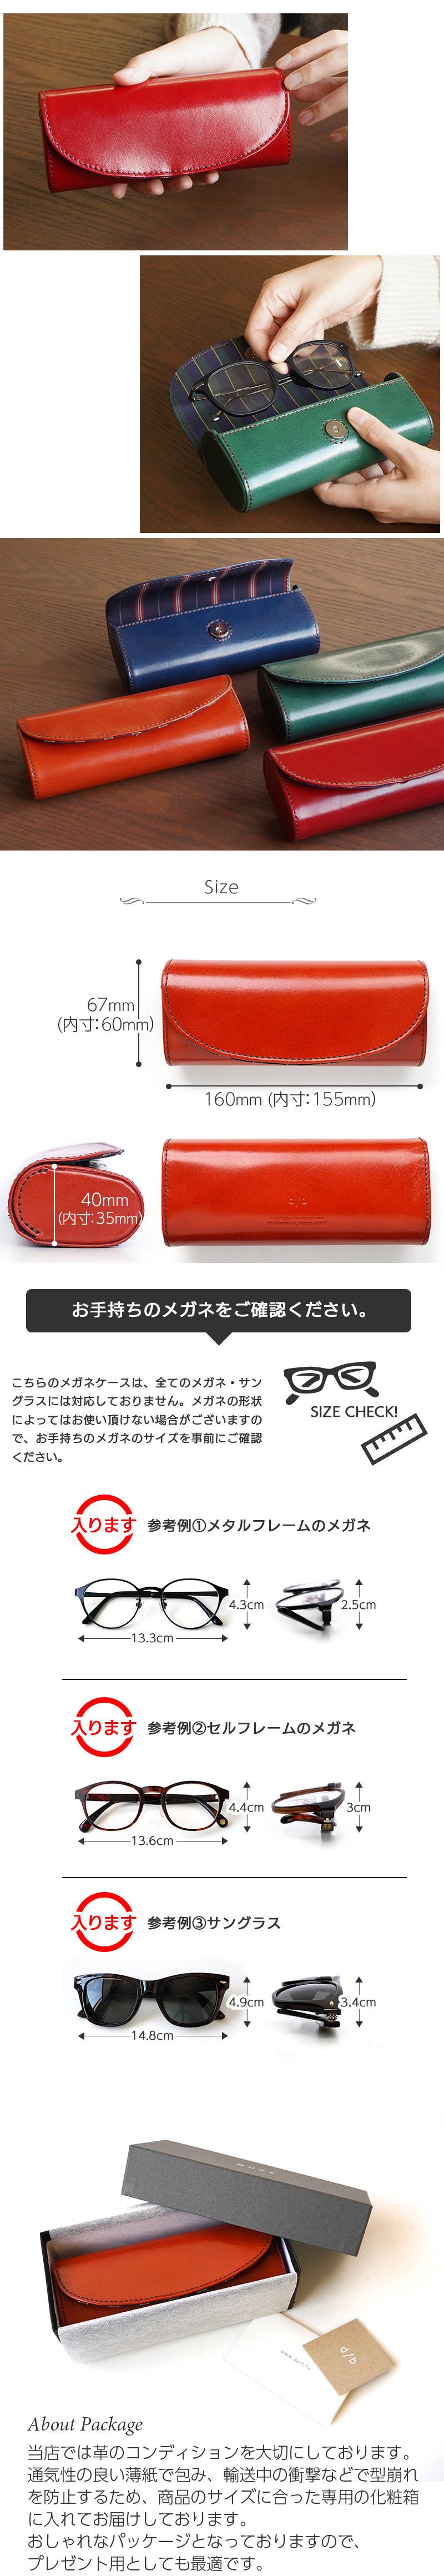 通気性の良い薄紙で包み、輸送中の衝撃などで型崩れを防止するため、商品のサイズに合った専用の化粧箱に入れてお届けしております。おしゃれなパッケージとなっておりますので、プレゼント用としても最適です。